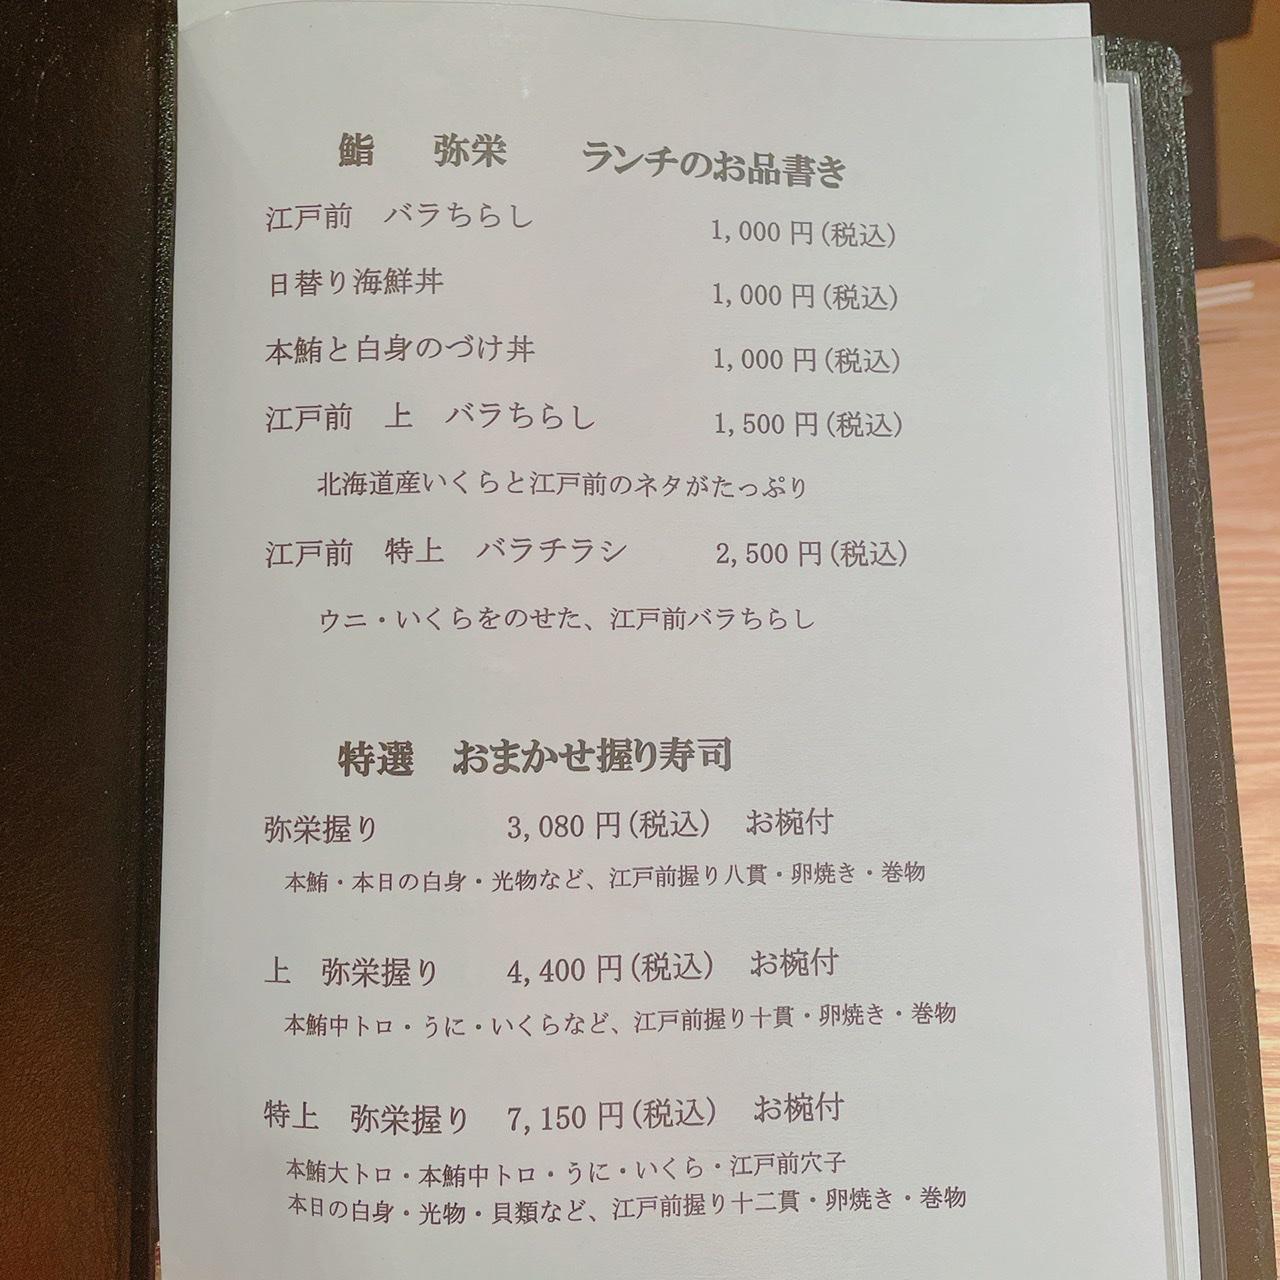 【東京・恵比寿/広尾】弥栄(お寿司)_2